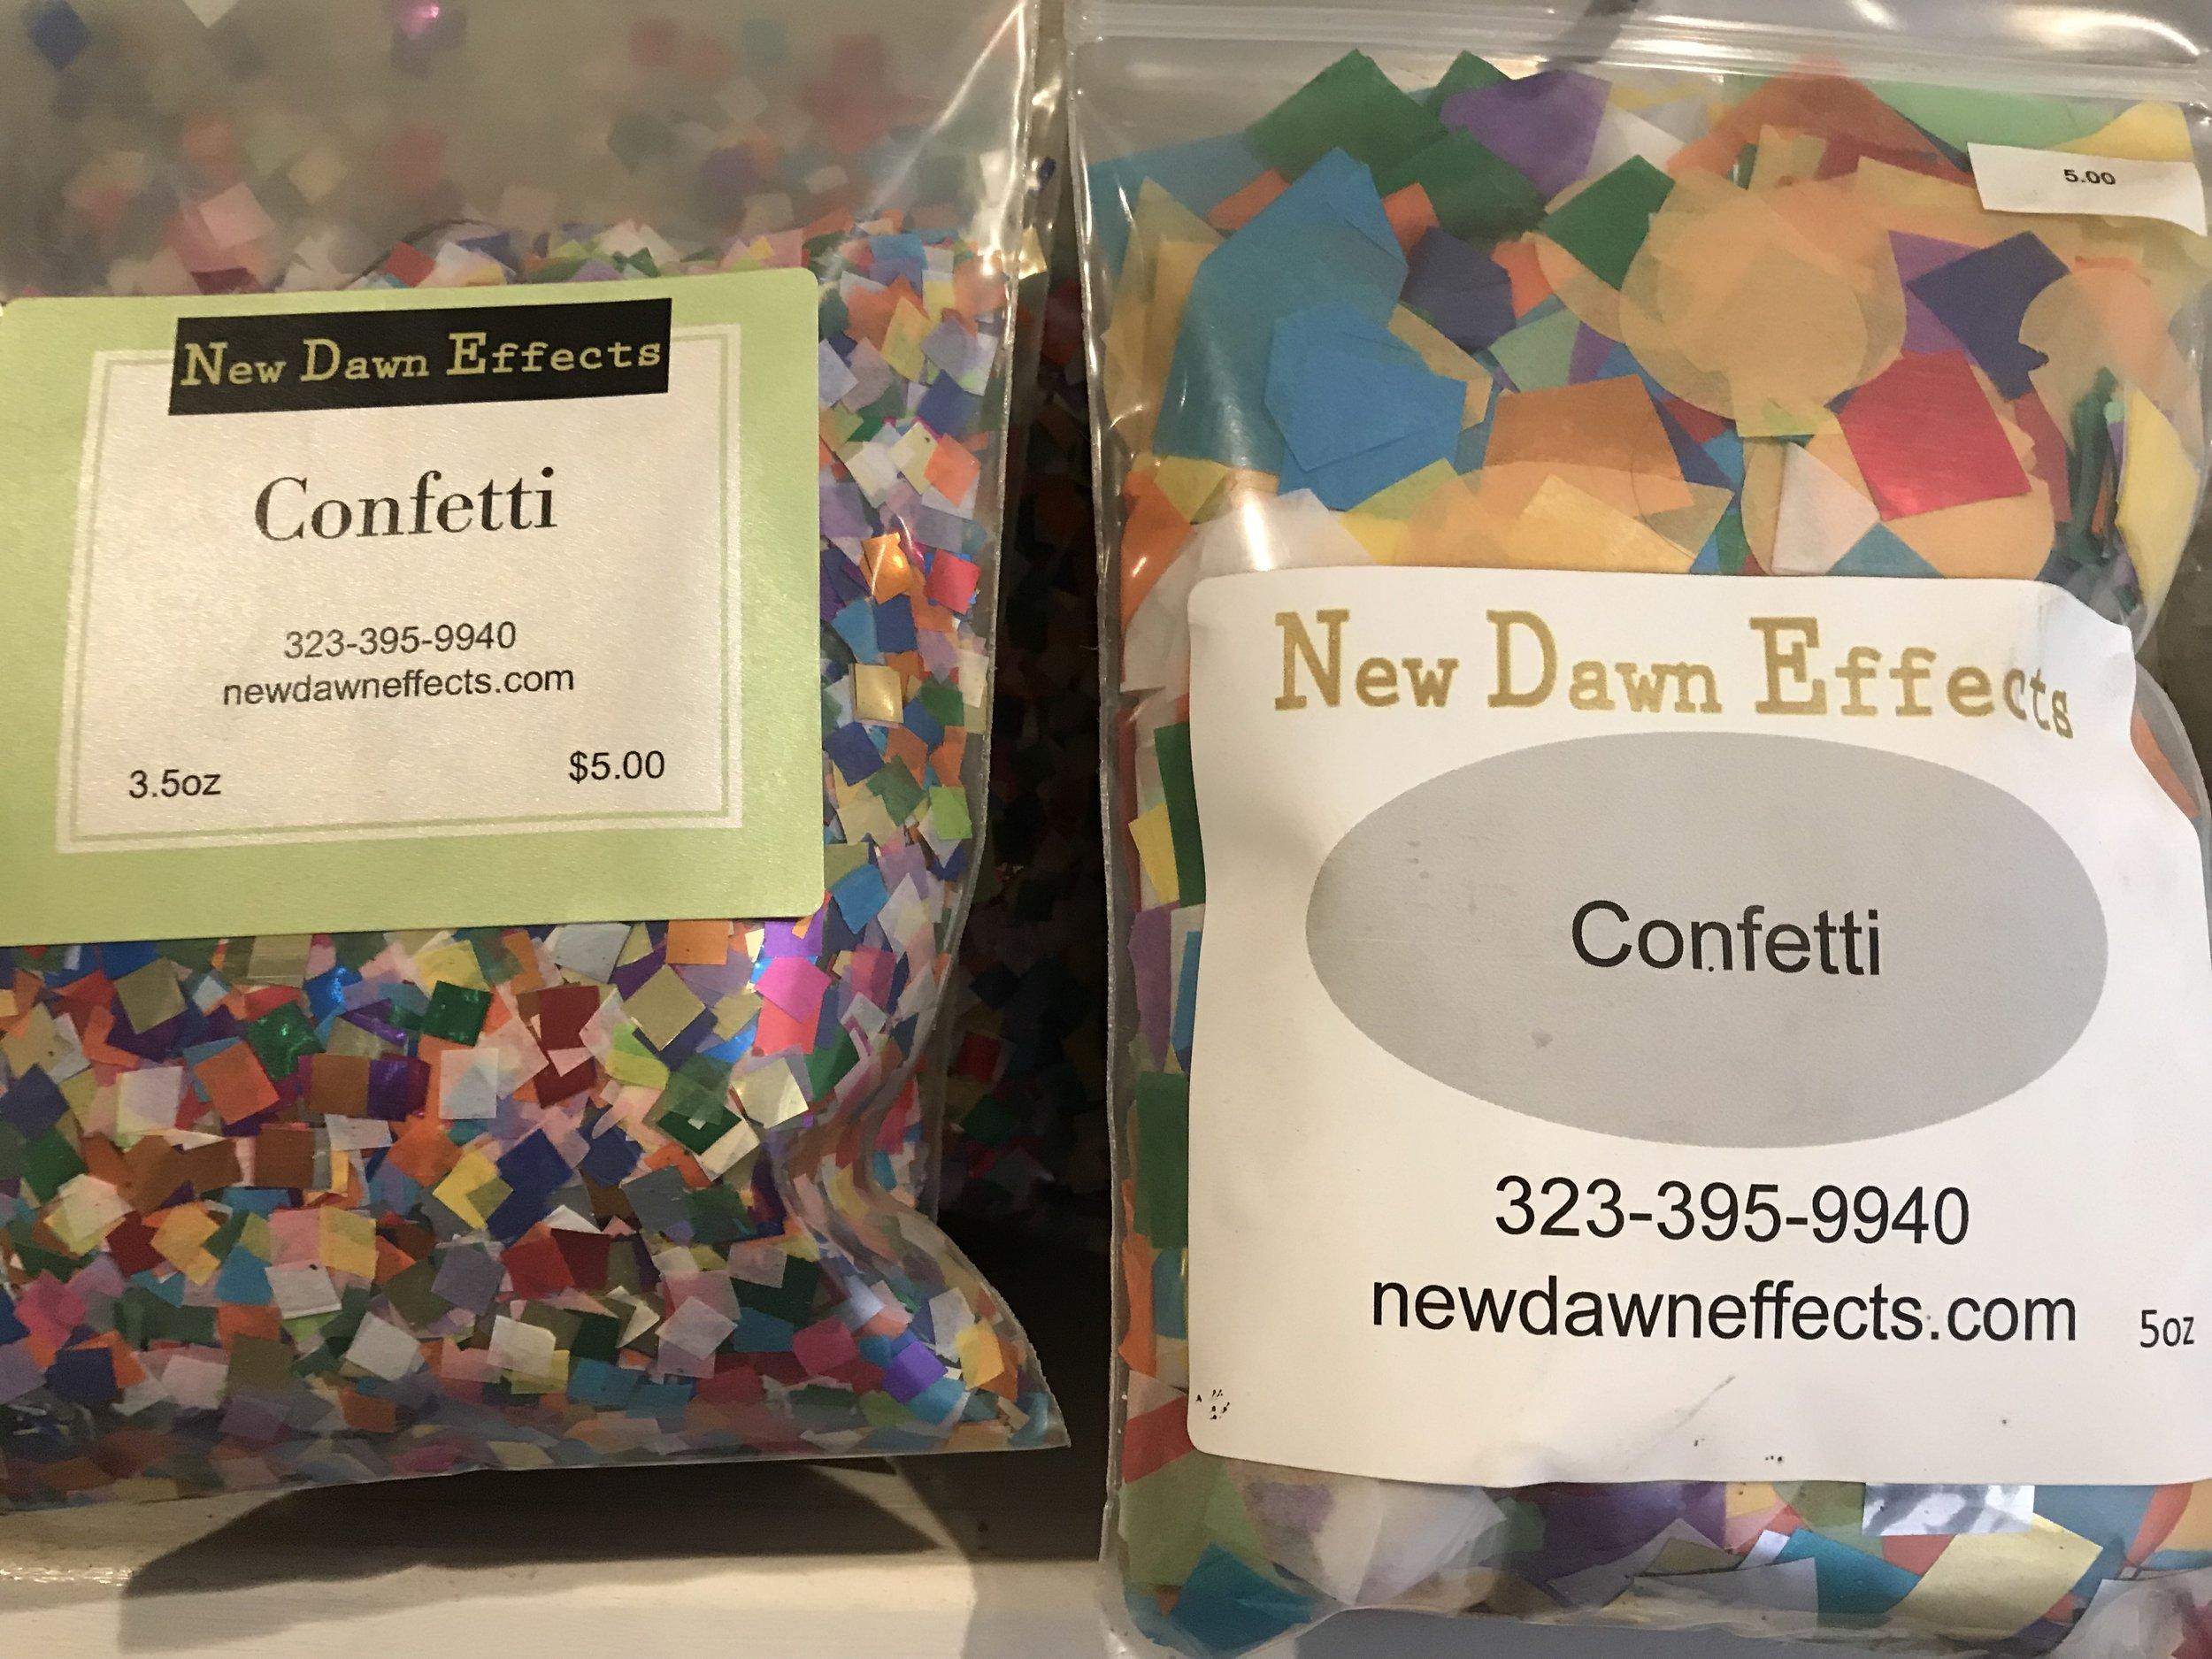 Confetti $5.00